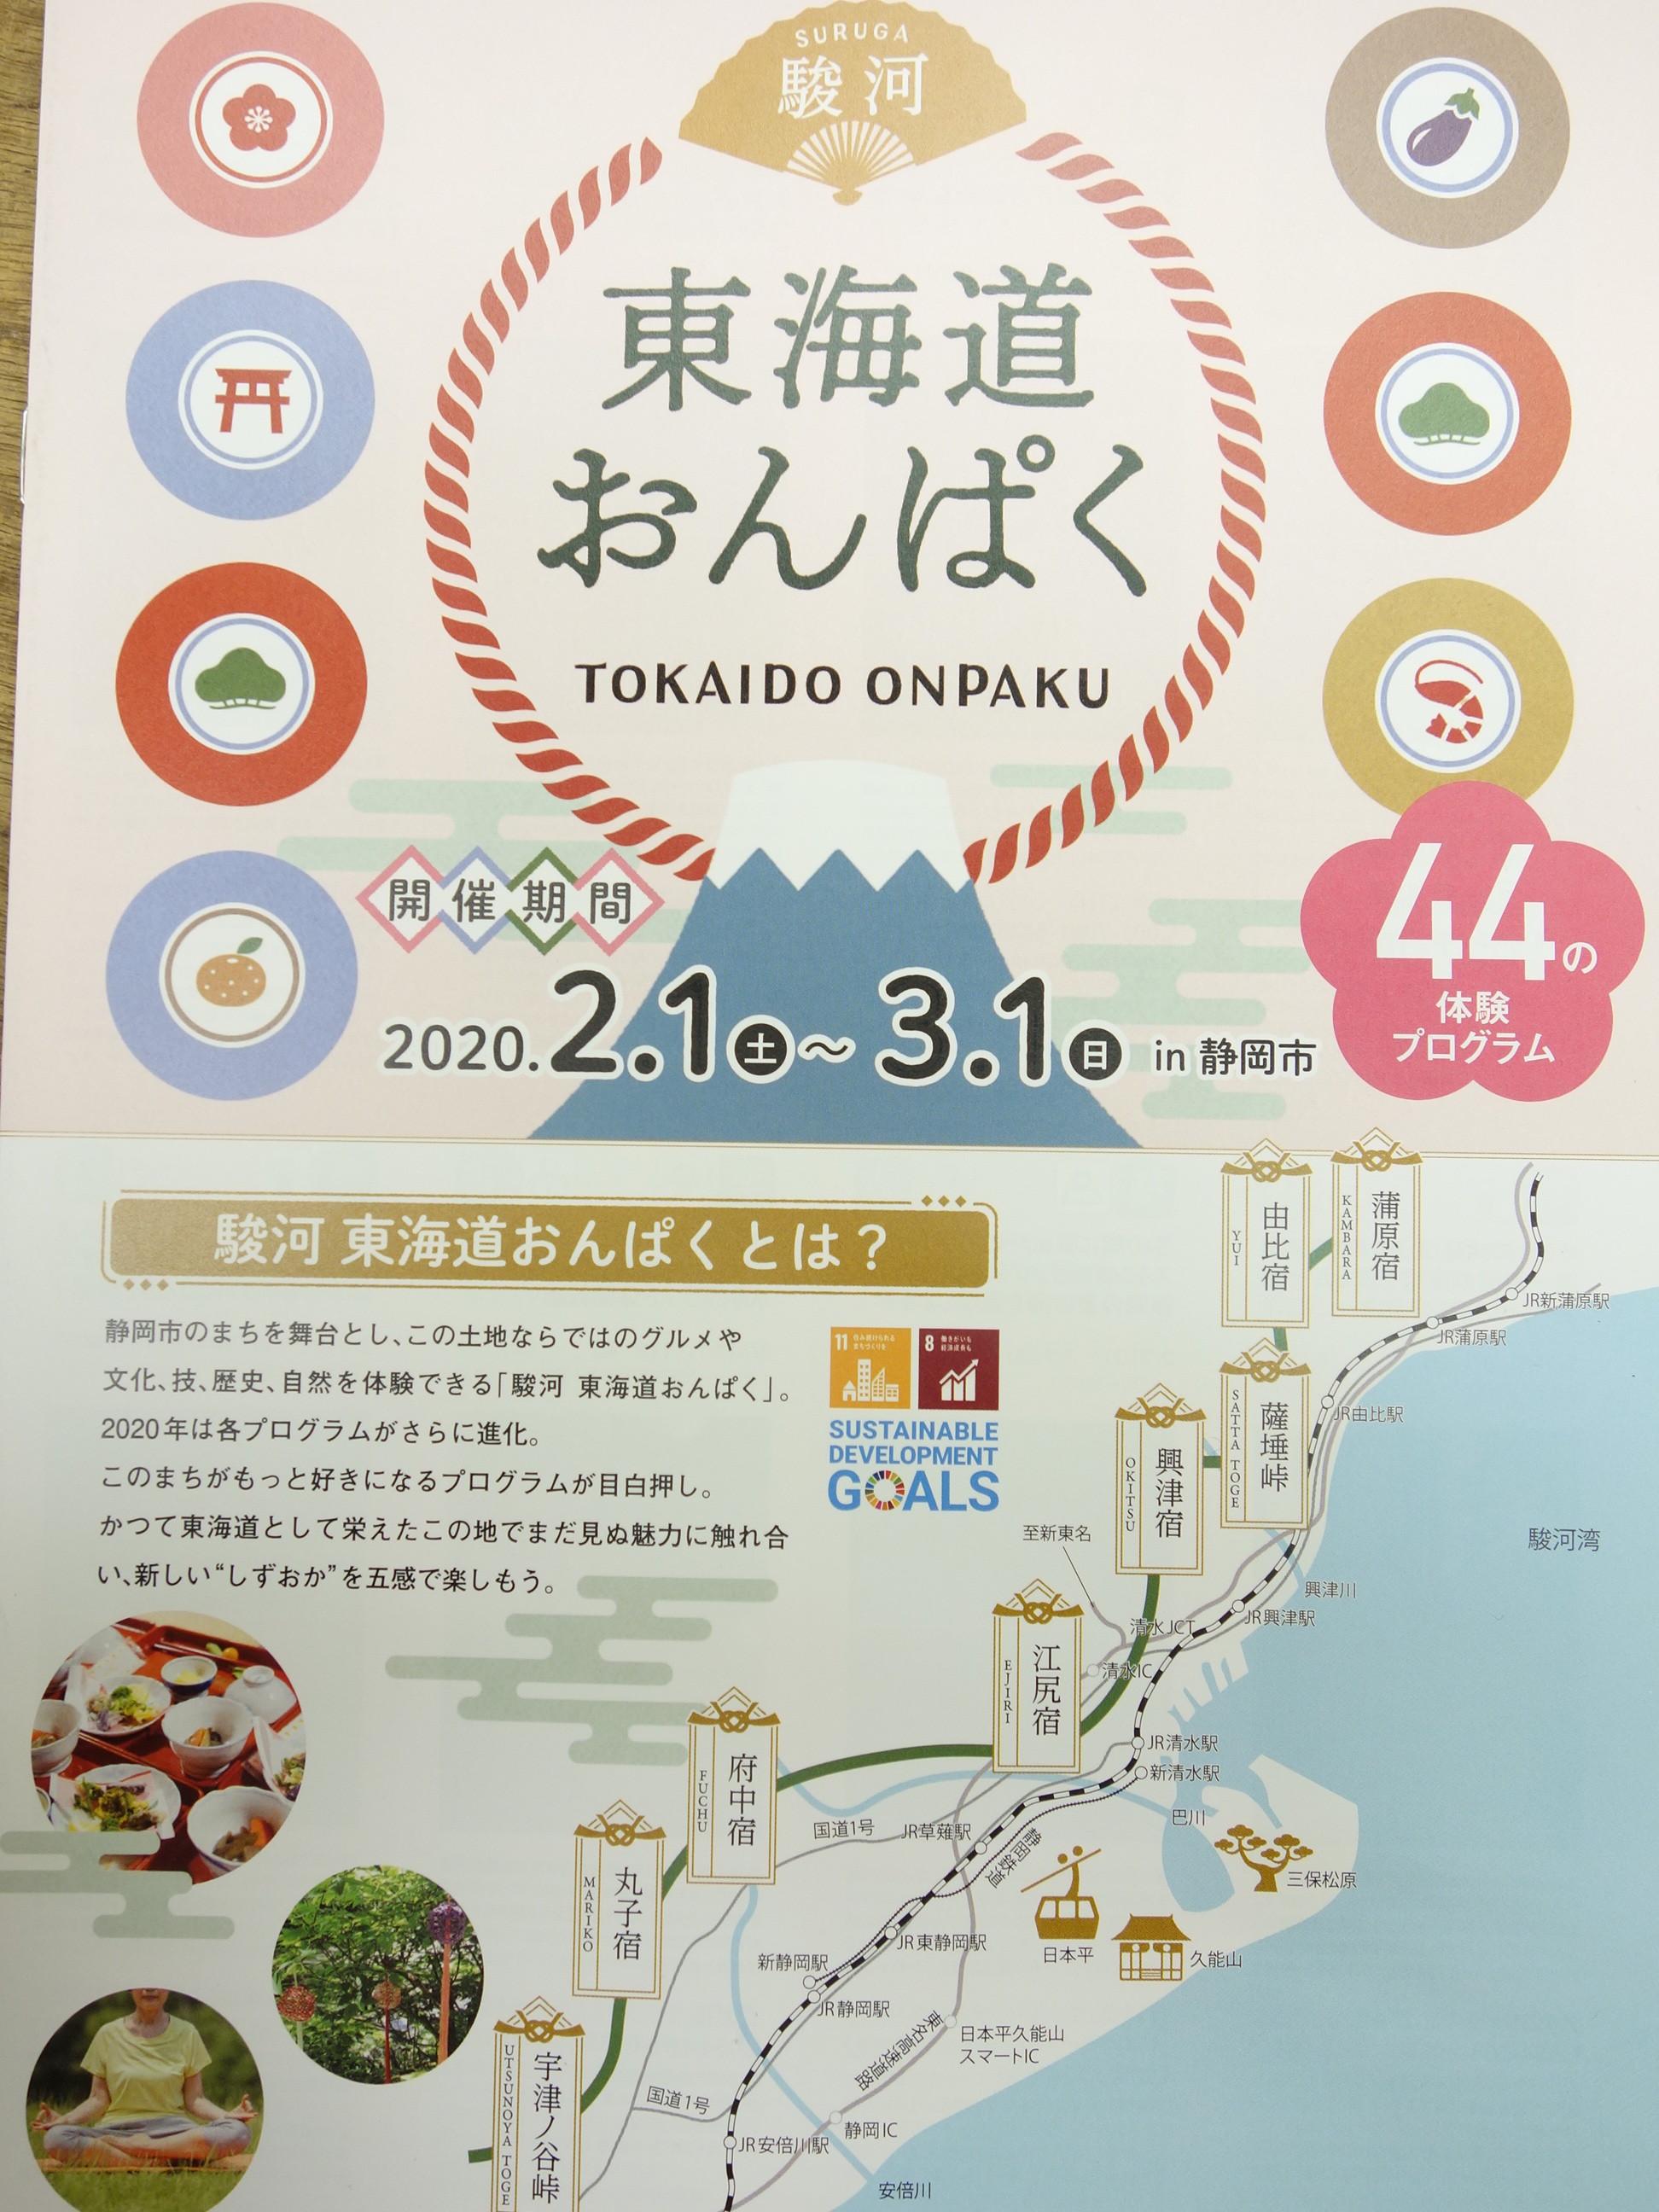 東海道おんぱく2020に参加させて頂きます。